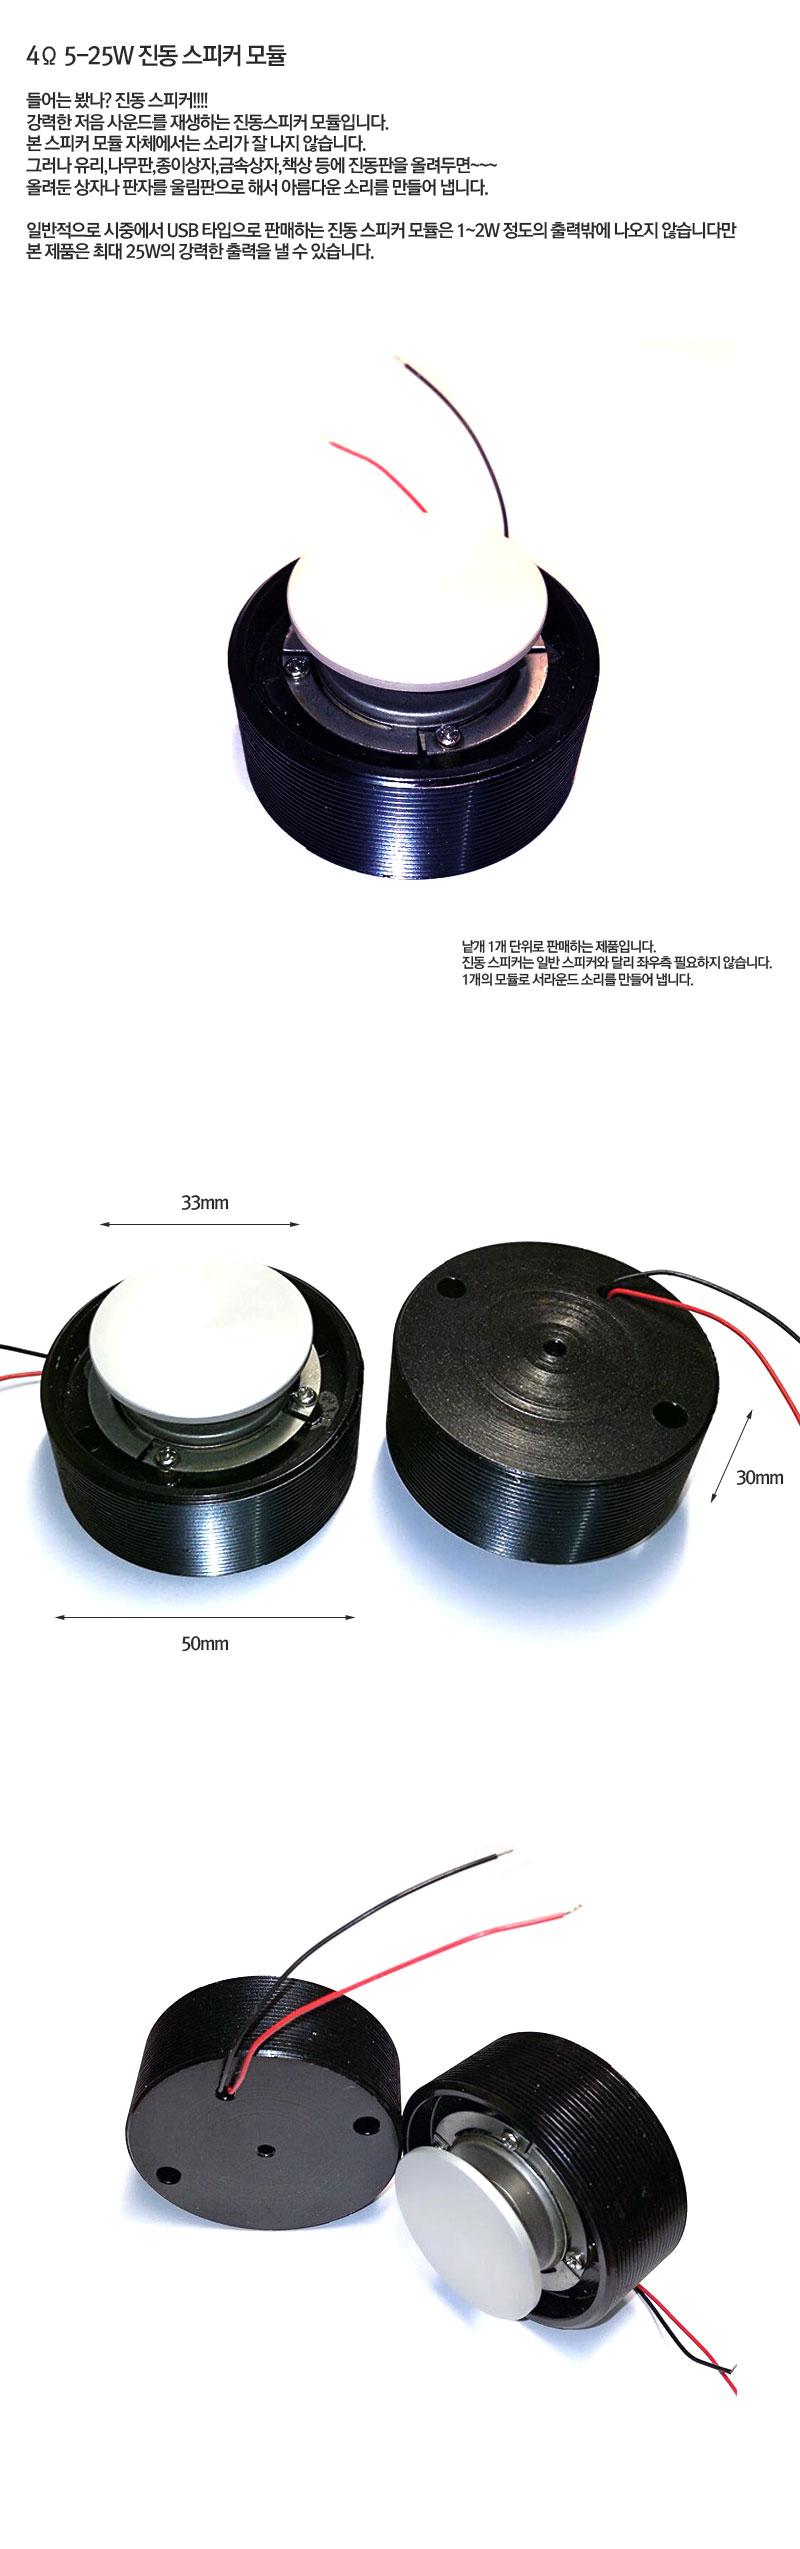 4Ω(4옴) 5~25W 진동 스피커 모듈